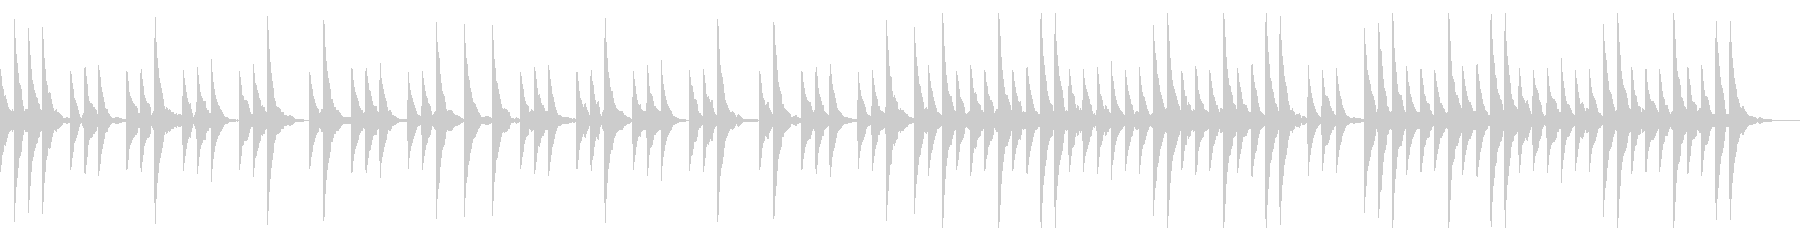 優しさを感じられるシンプルなBGMの未再生の波形